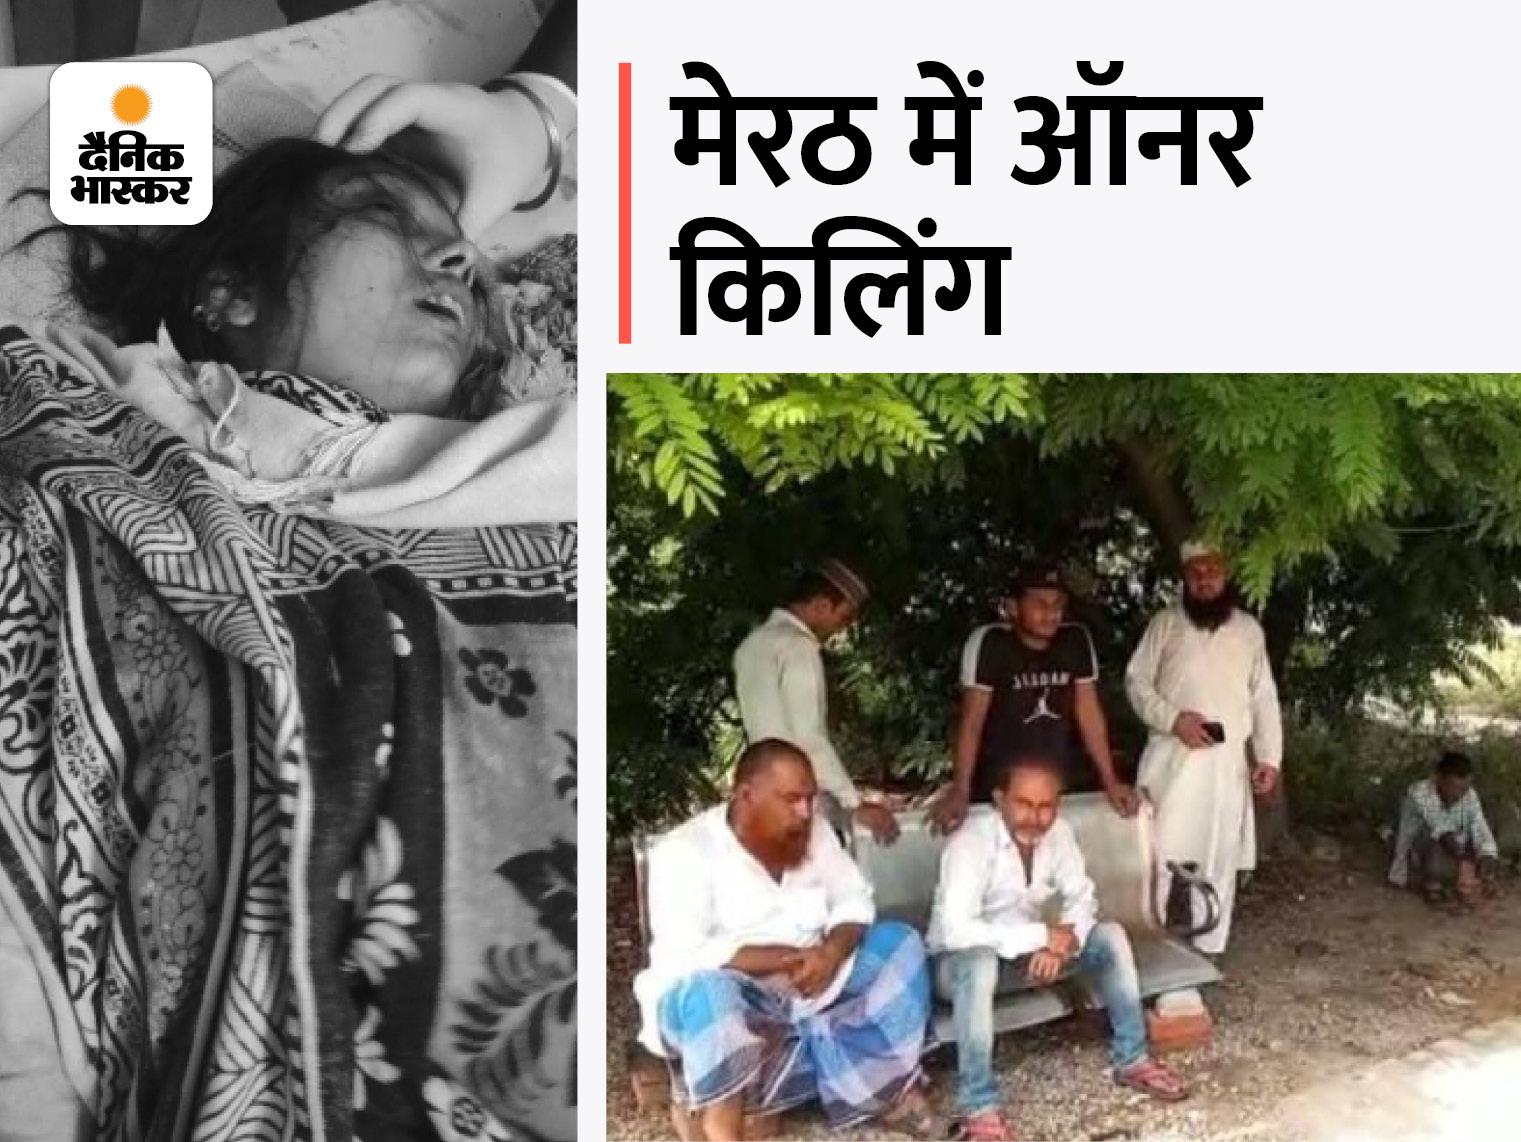 पड़ोस में रहने वाले प्रेमी से शादी करना चाहती थी युवती, हत्या के बाद आरोपी बोला- बहन को जन्नत में पहुंचाया मेरठ,Meerut - Dainik Bhaskar